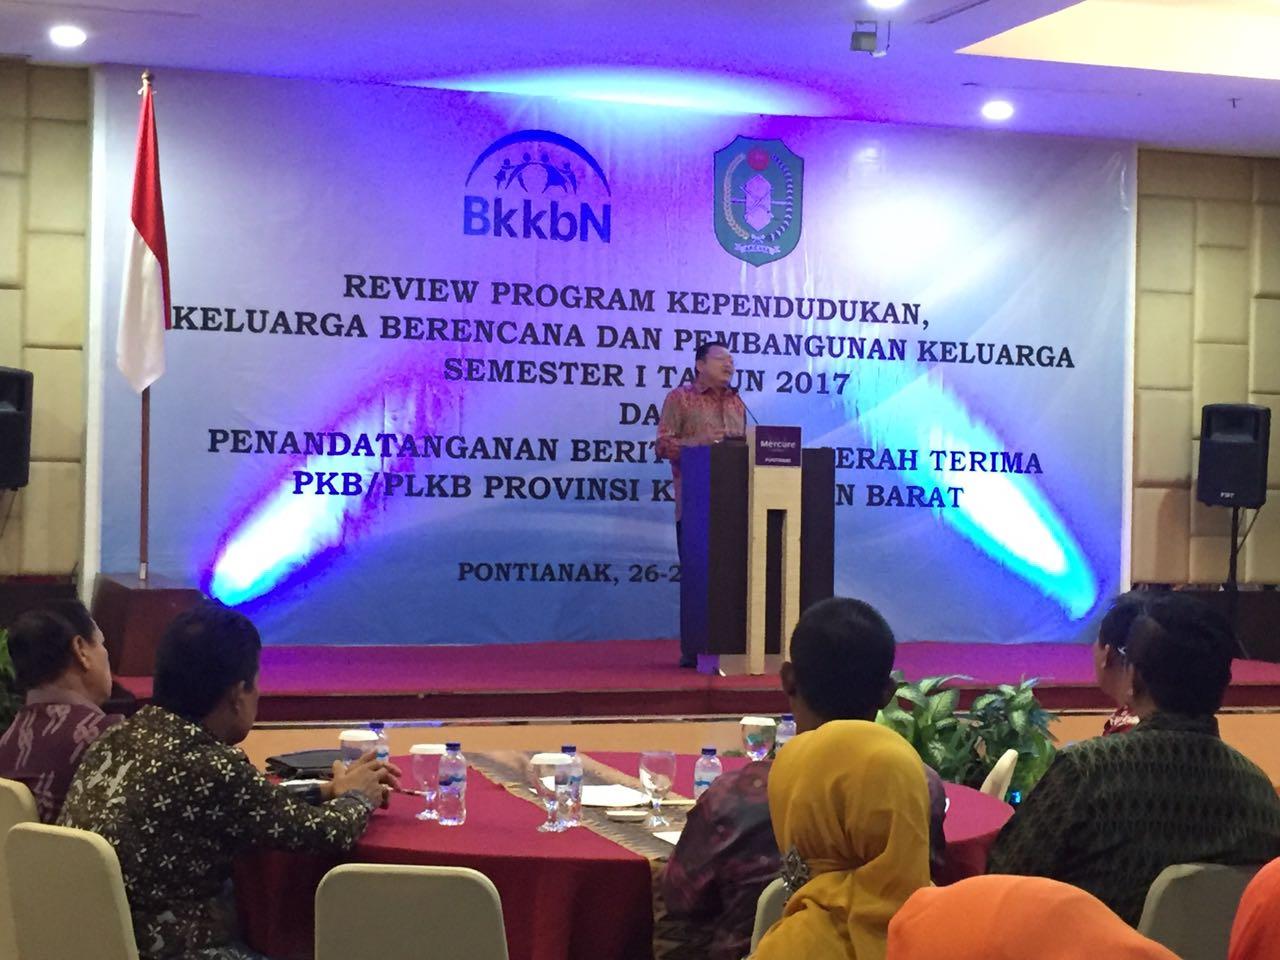 Ulang Tahun Gubernur Kalbar pada Kegiatan Review Program KKBPK